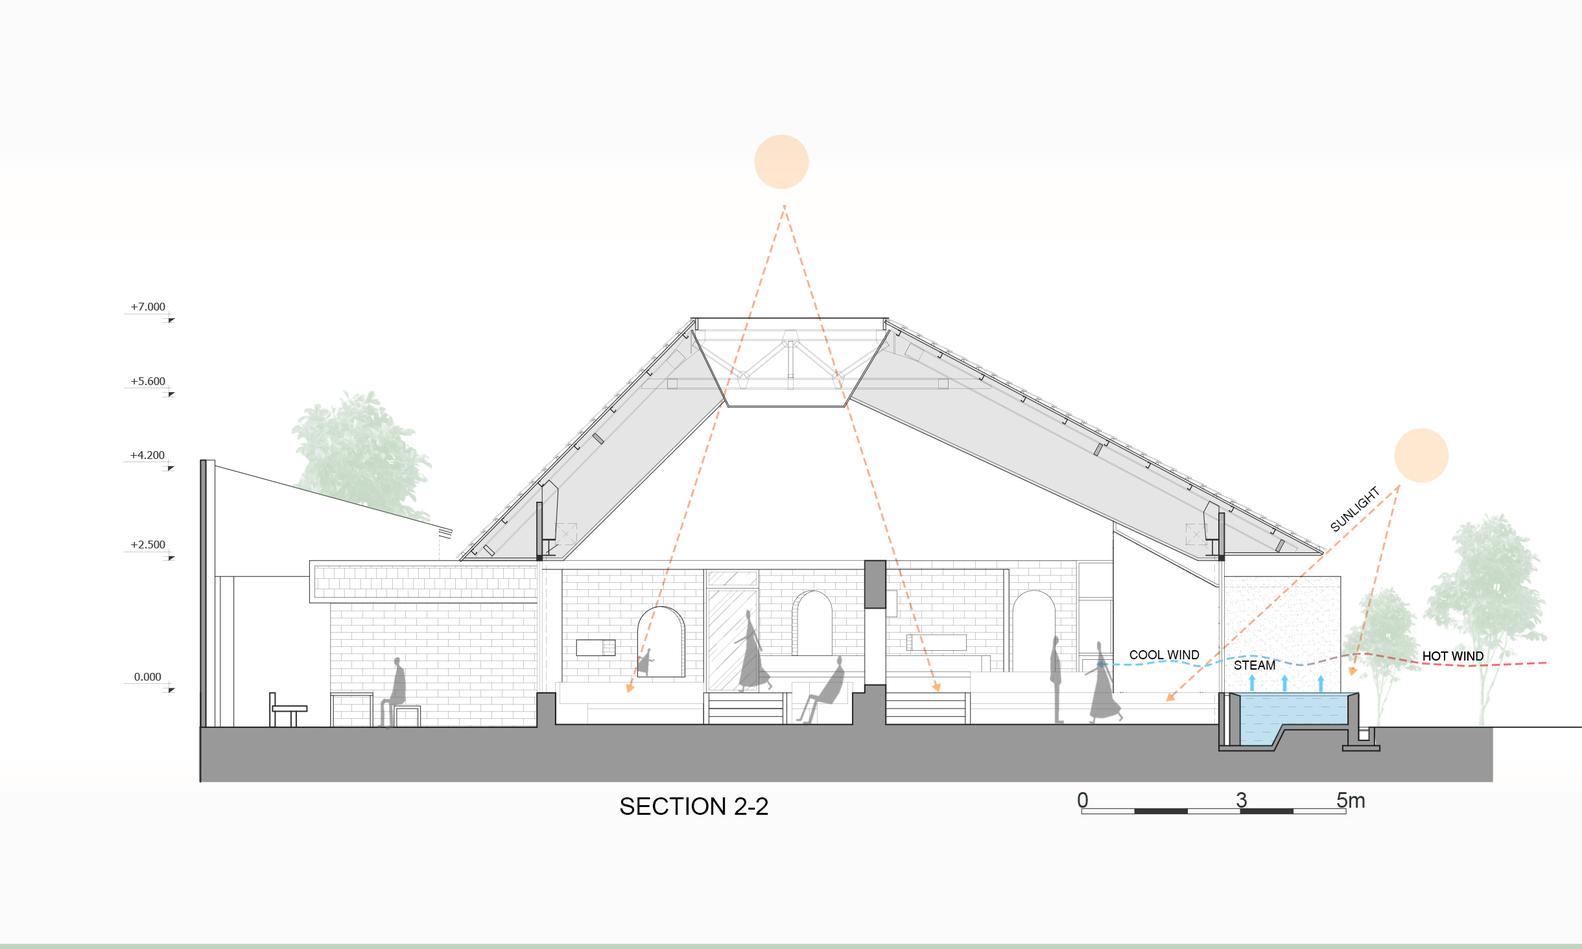 """SECTION - Cà phê Thúy Viên """"Tạo từ vật liệu tái sử dụng của các ngôi nhà cũ ở địa phương"""""""